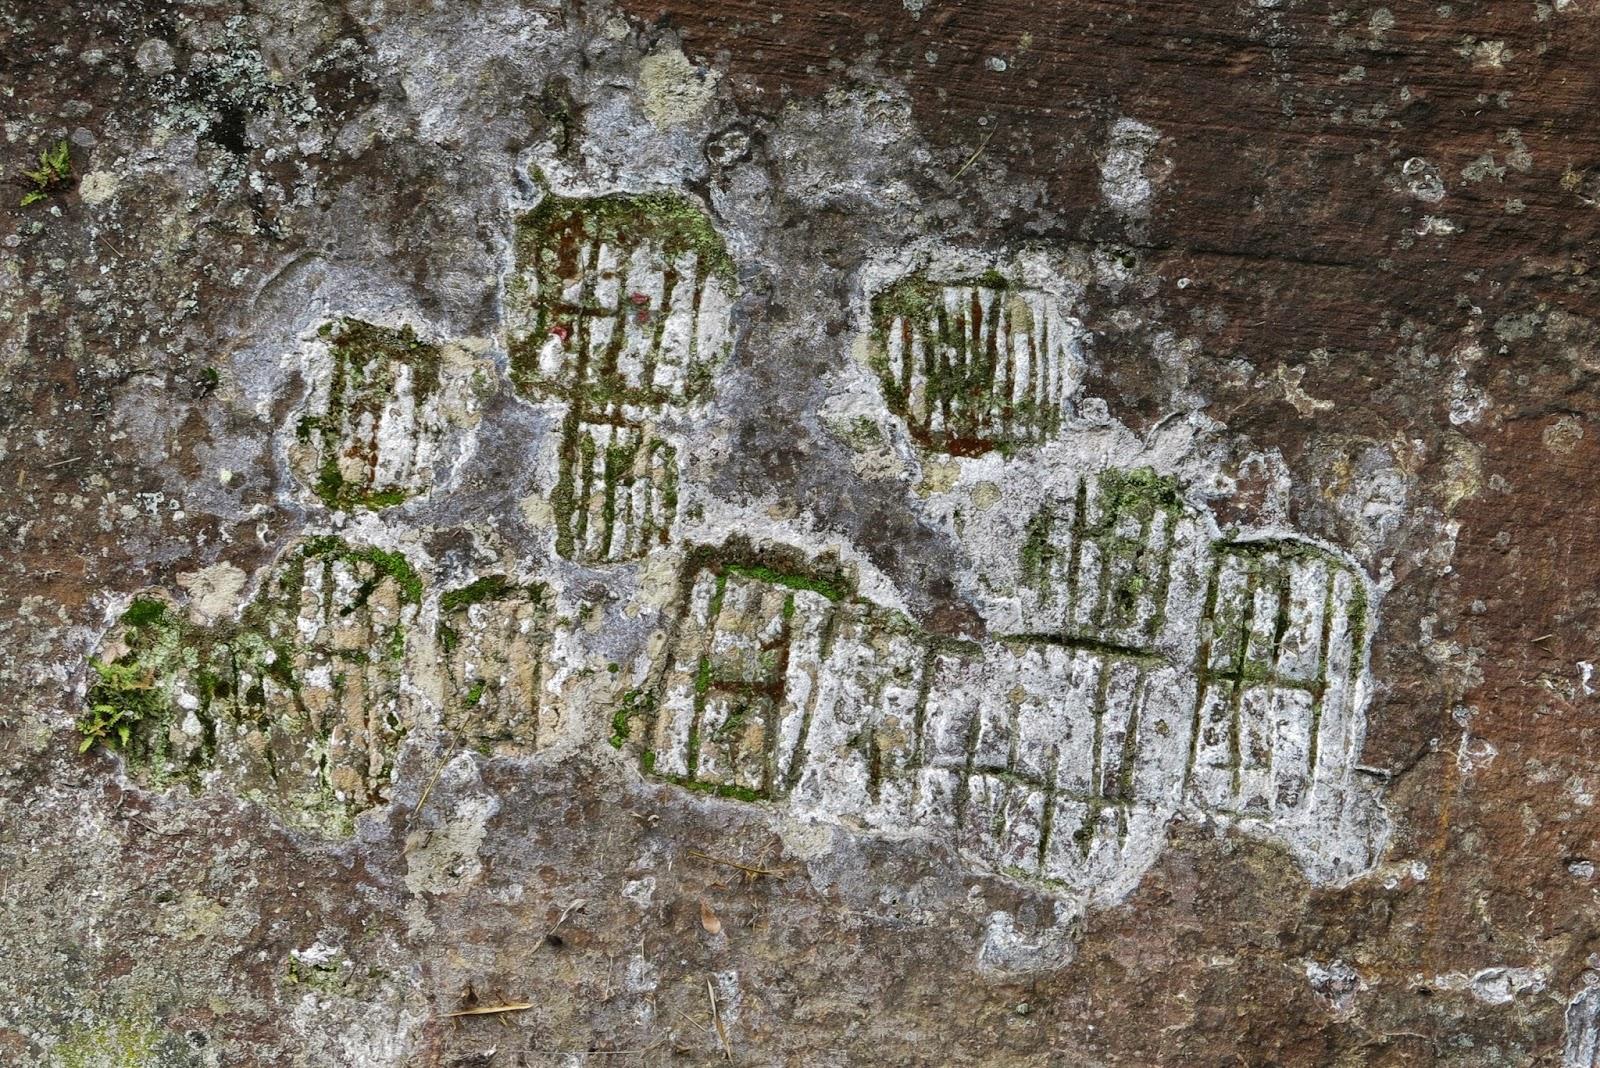 Inscrições rupestres, em Urubici